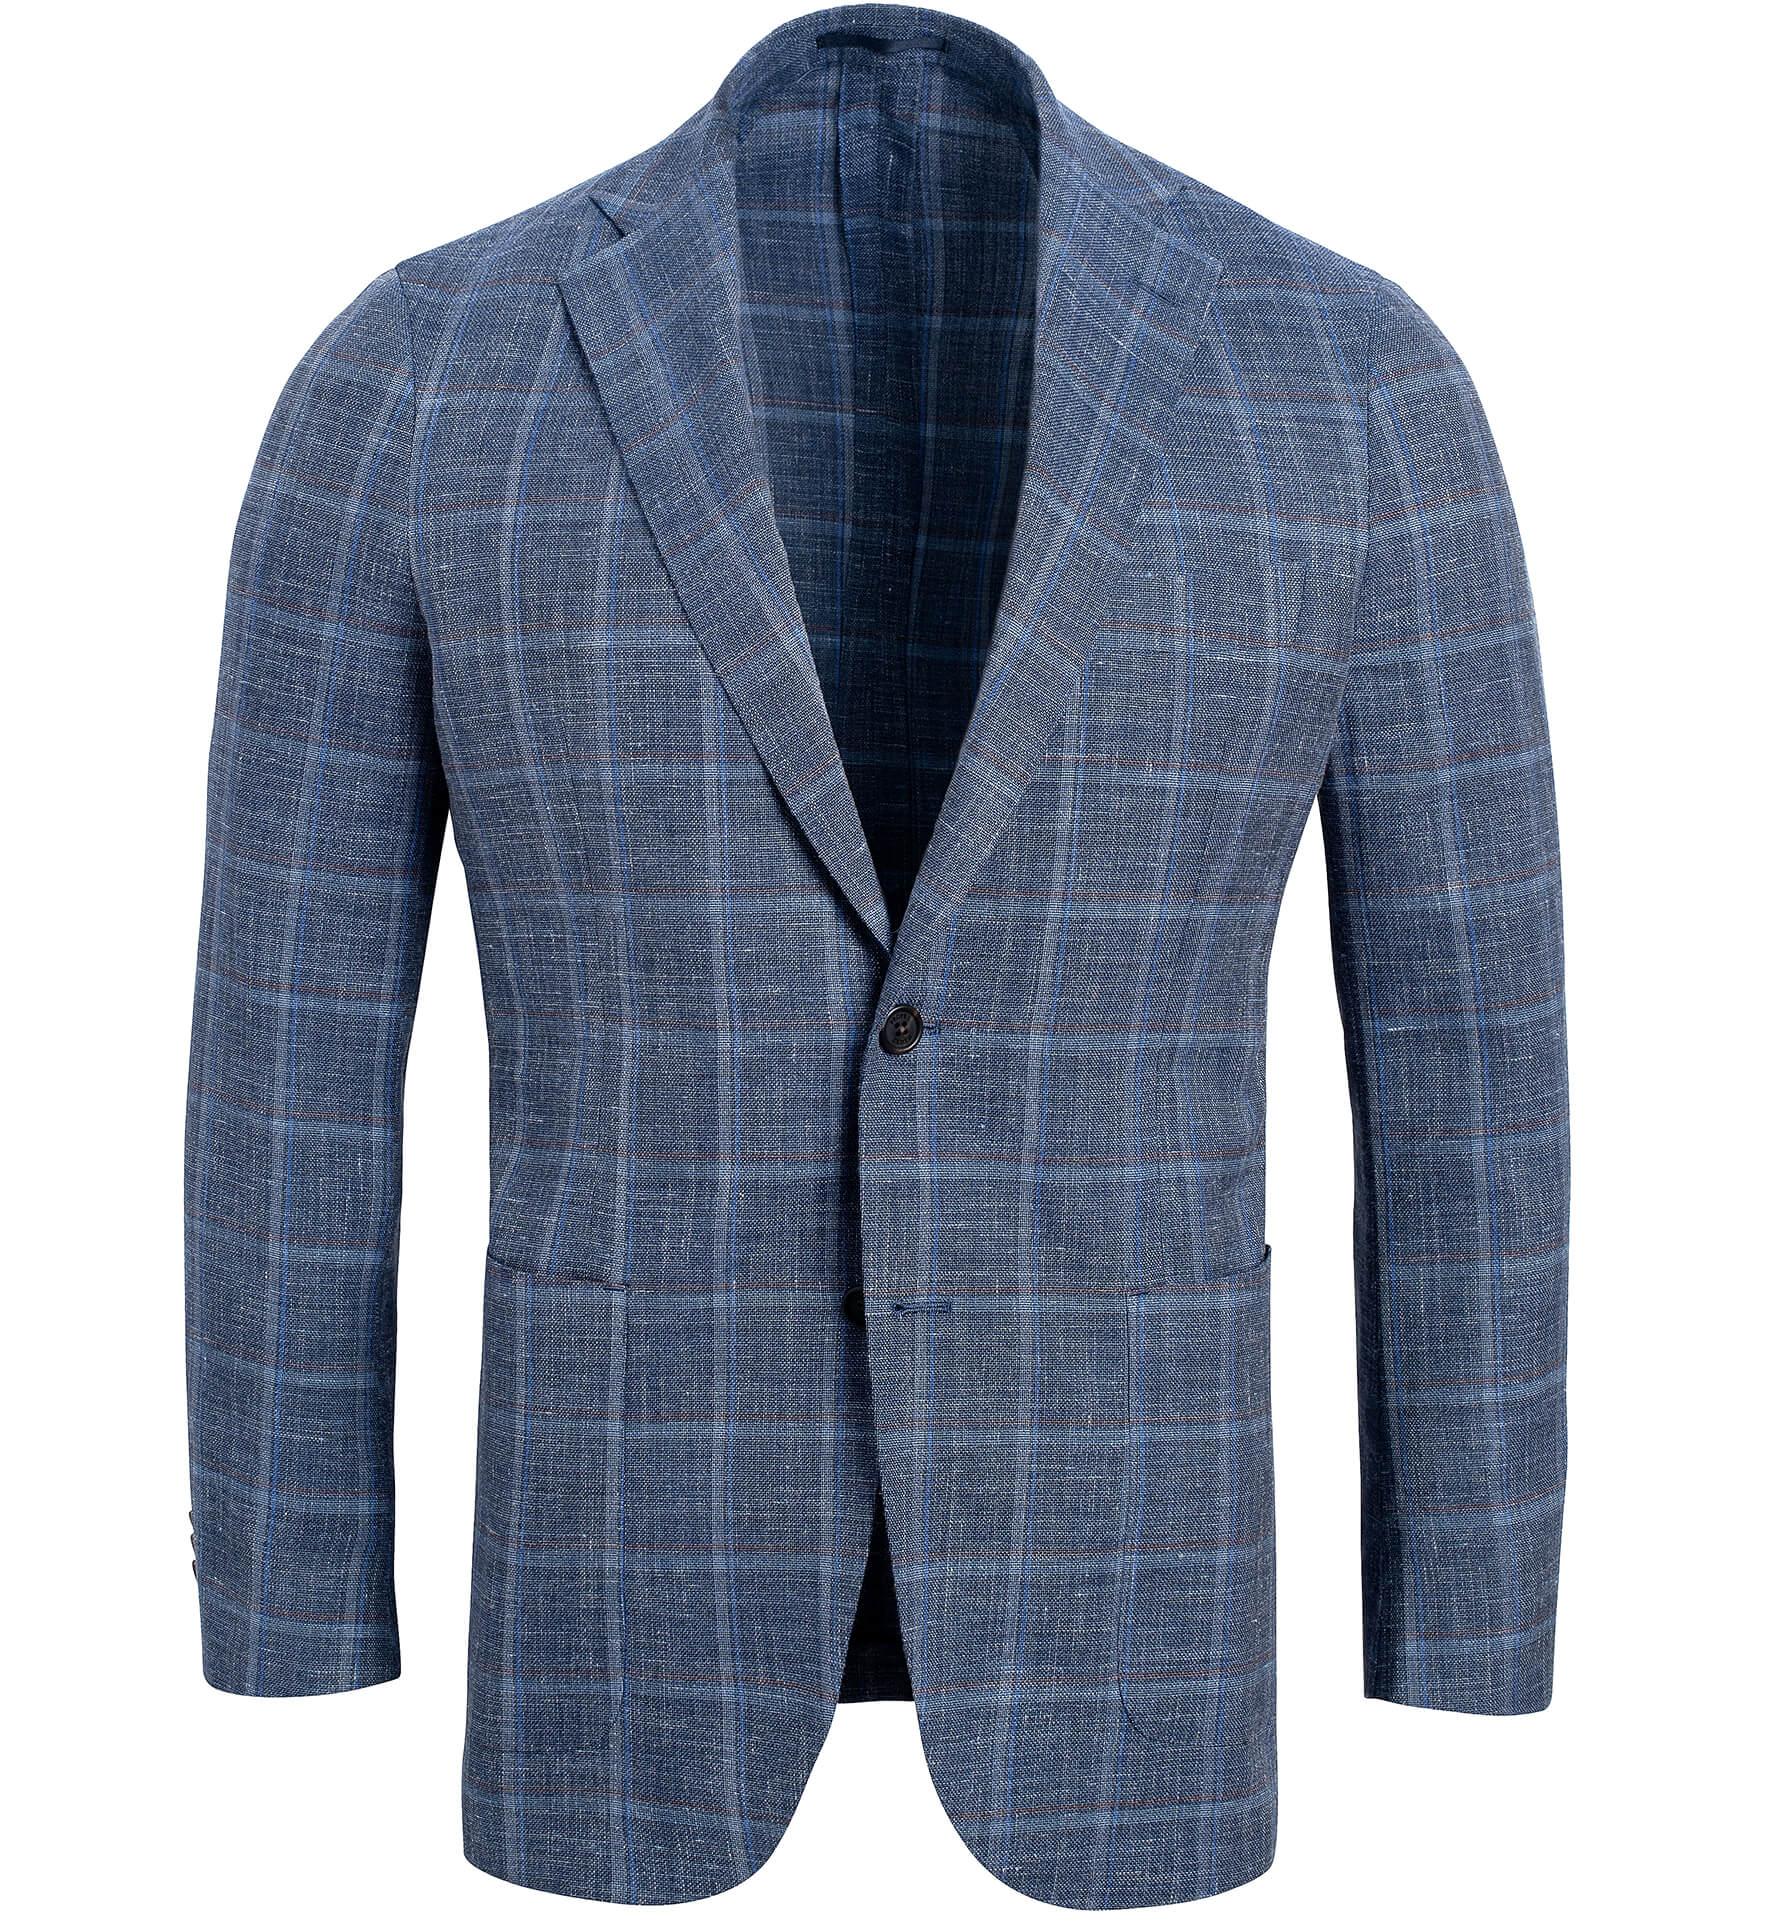 Zoom Image of Bedford Faded Blue Melange Windowpane Summer Blend Jacket